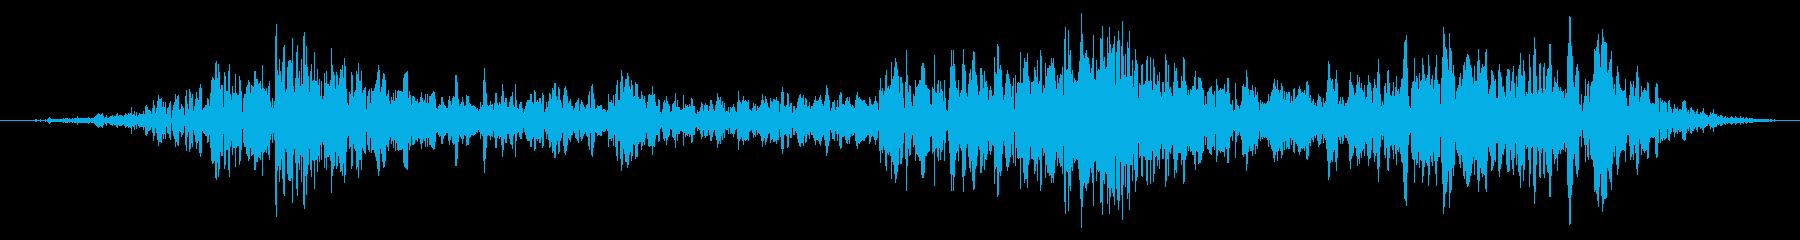 神秘的な深い水中バブルラッシュの再生済みの波形